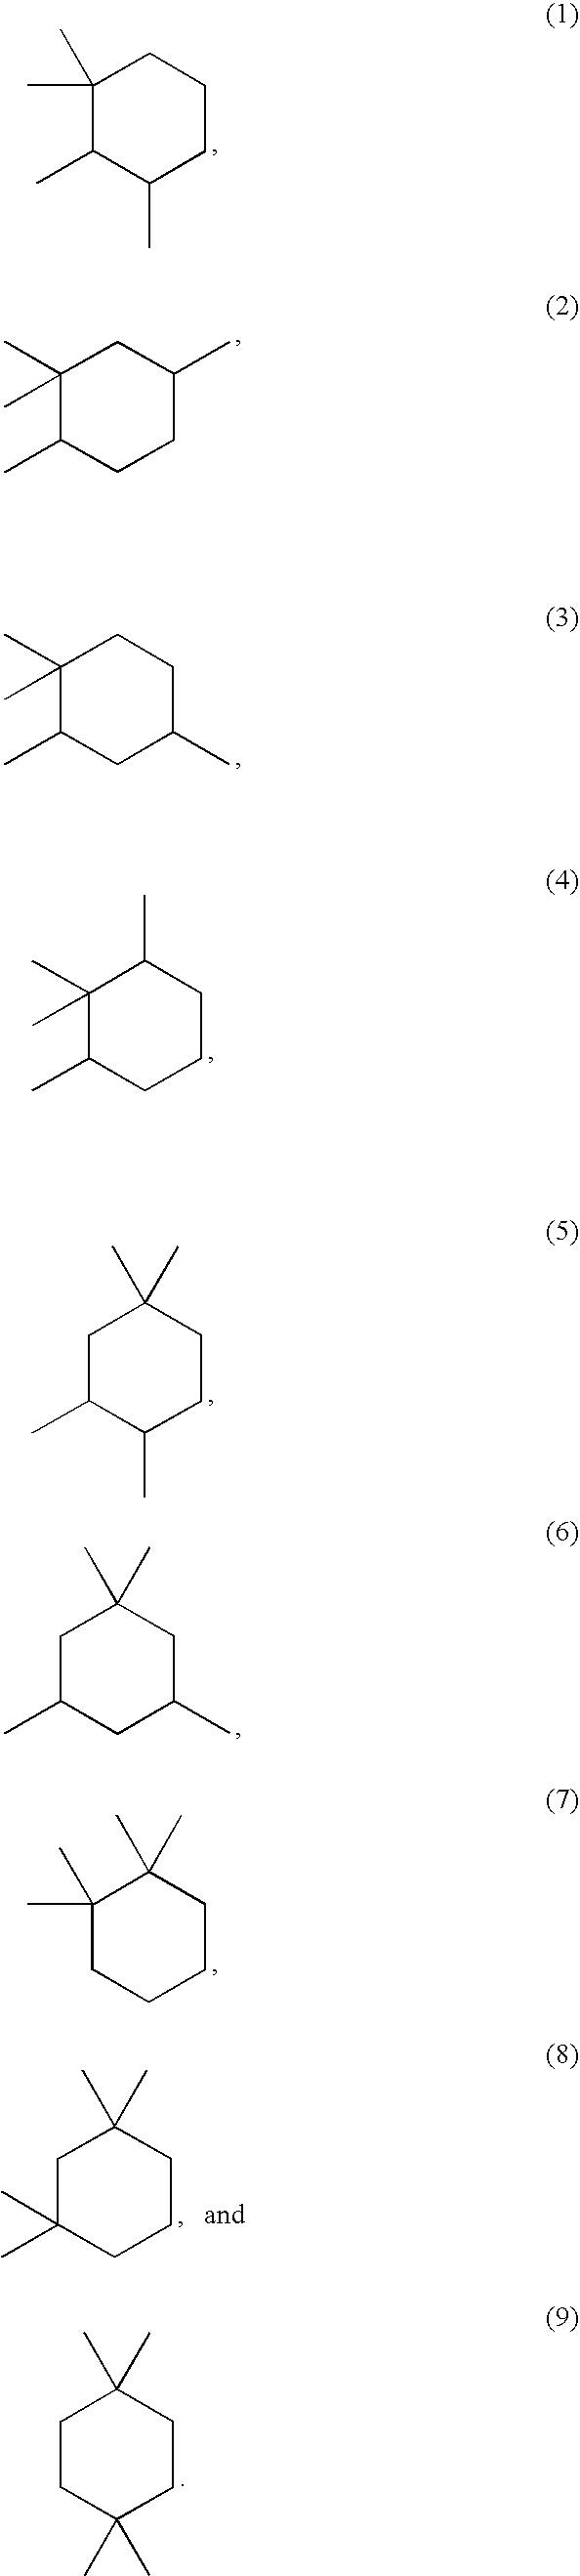 Figure US20090020089A1-20090122-C00021